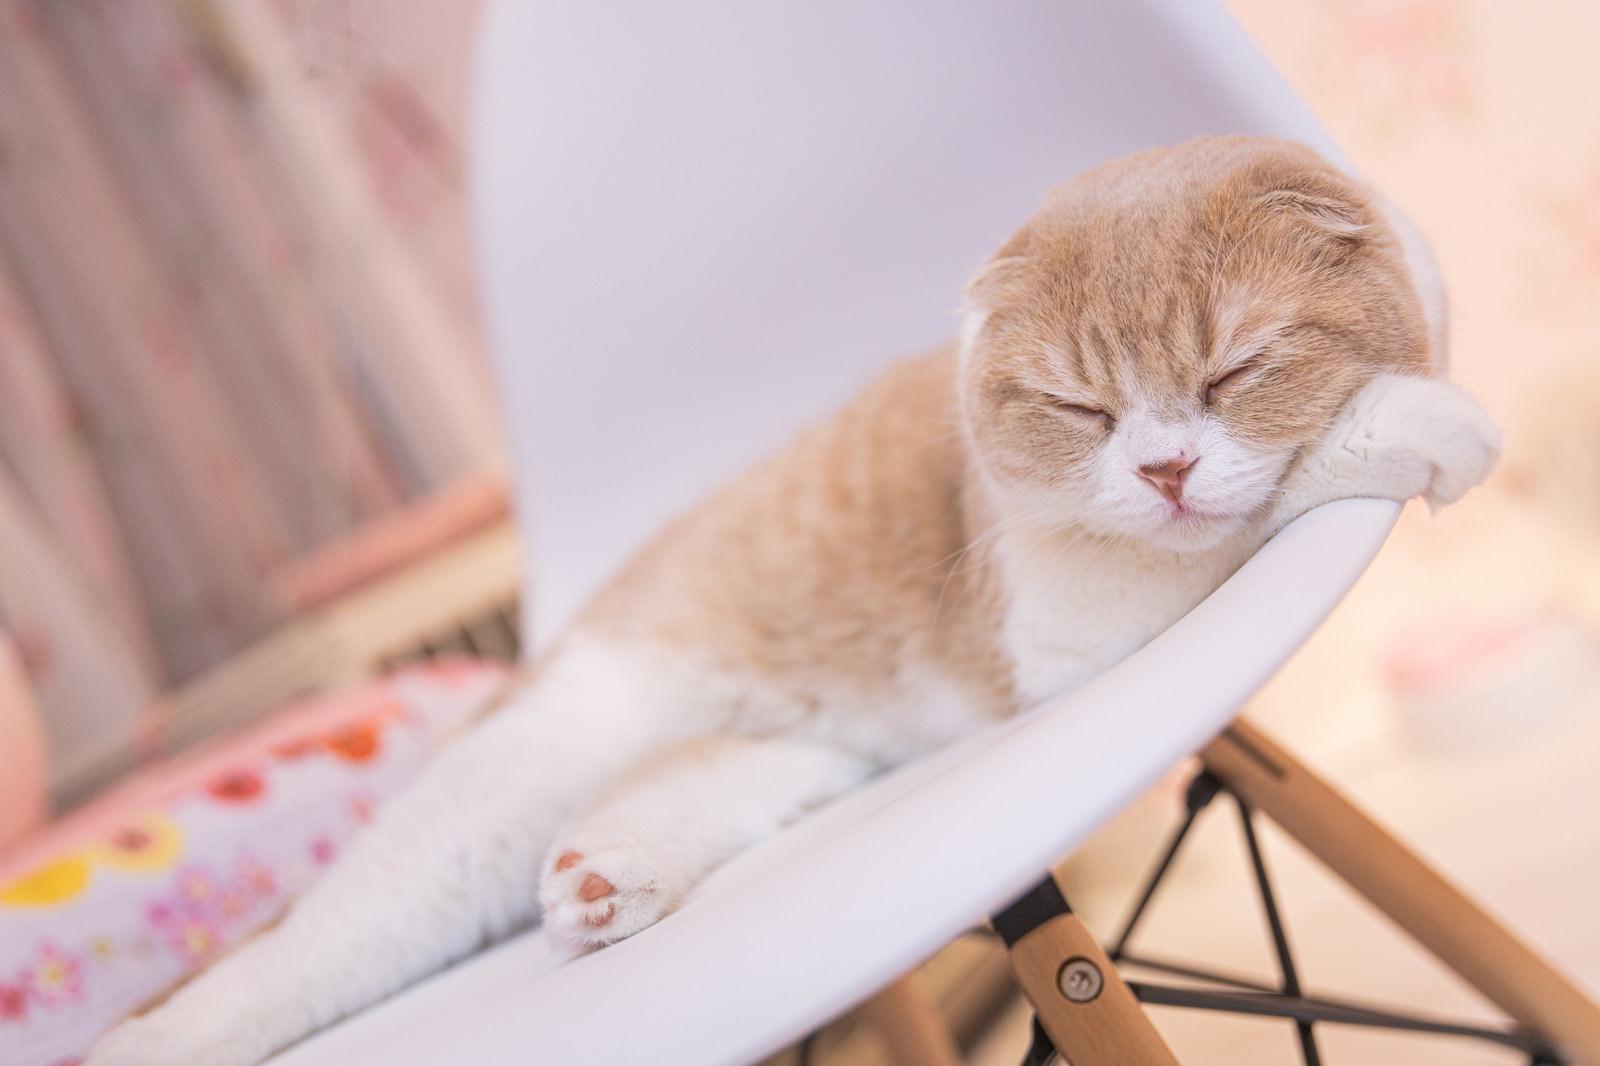 「気持ちよく眠るスコティッシュフォールド」の写真